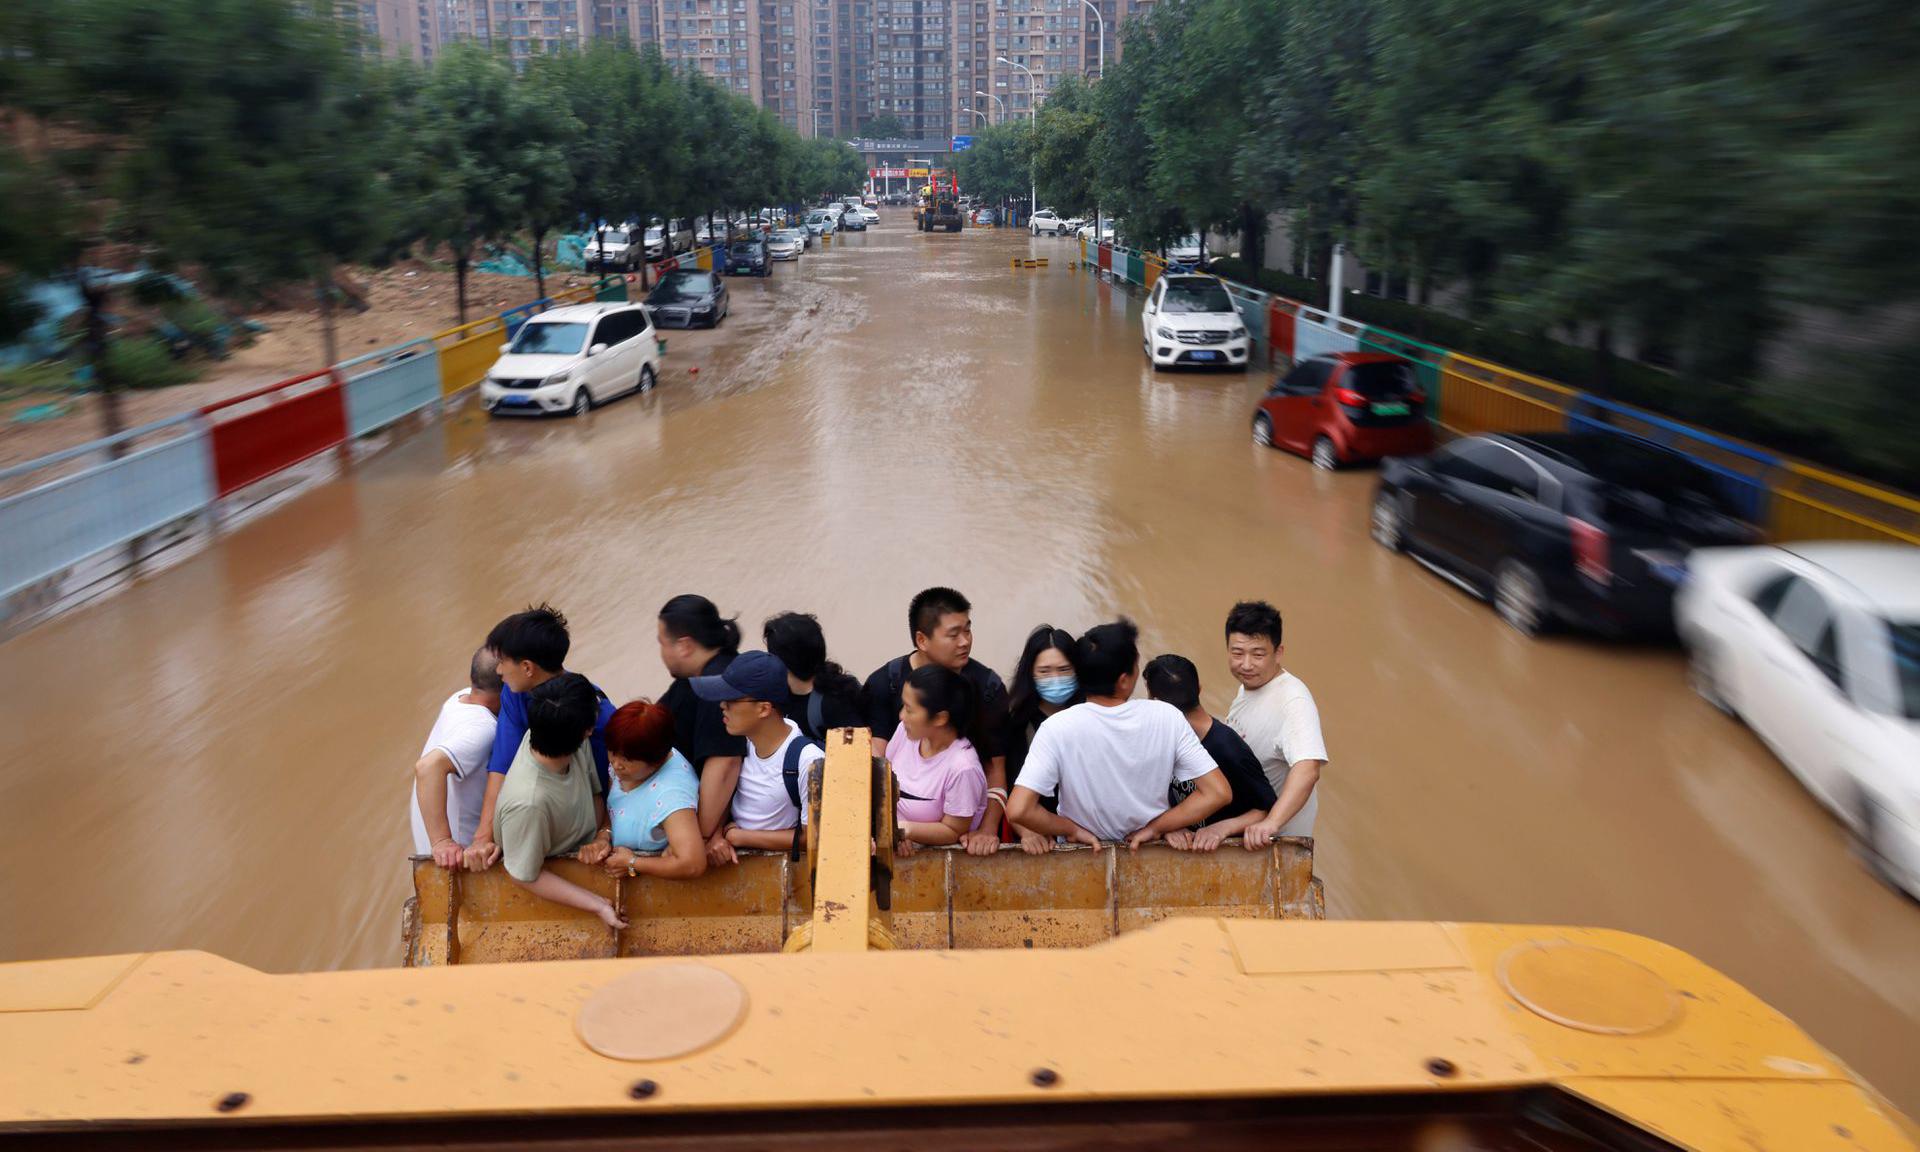 Người dân được đưa khỏi vùng ngập lụt bằng máy xúc tại thành phố Trịnh Châu, tỉnh Hà Nam, Trung Quốc, hôm nay. Ảnh: Reuters.